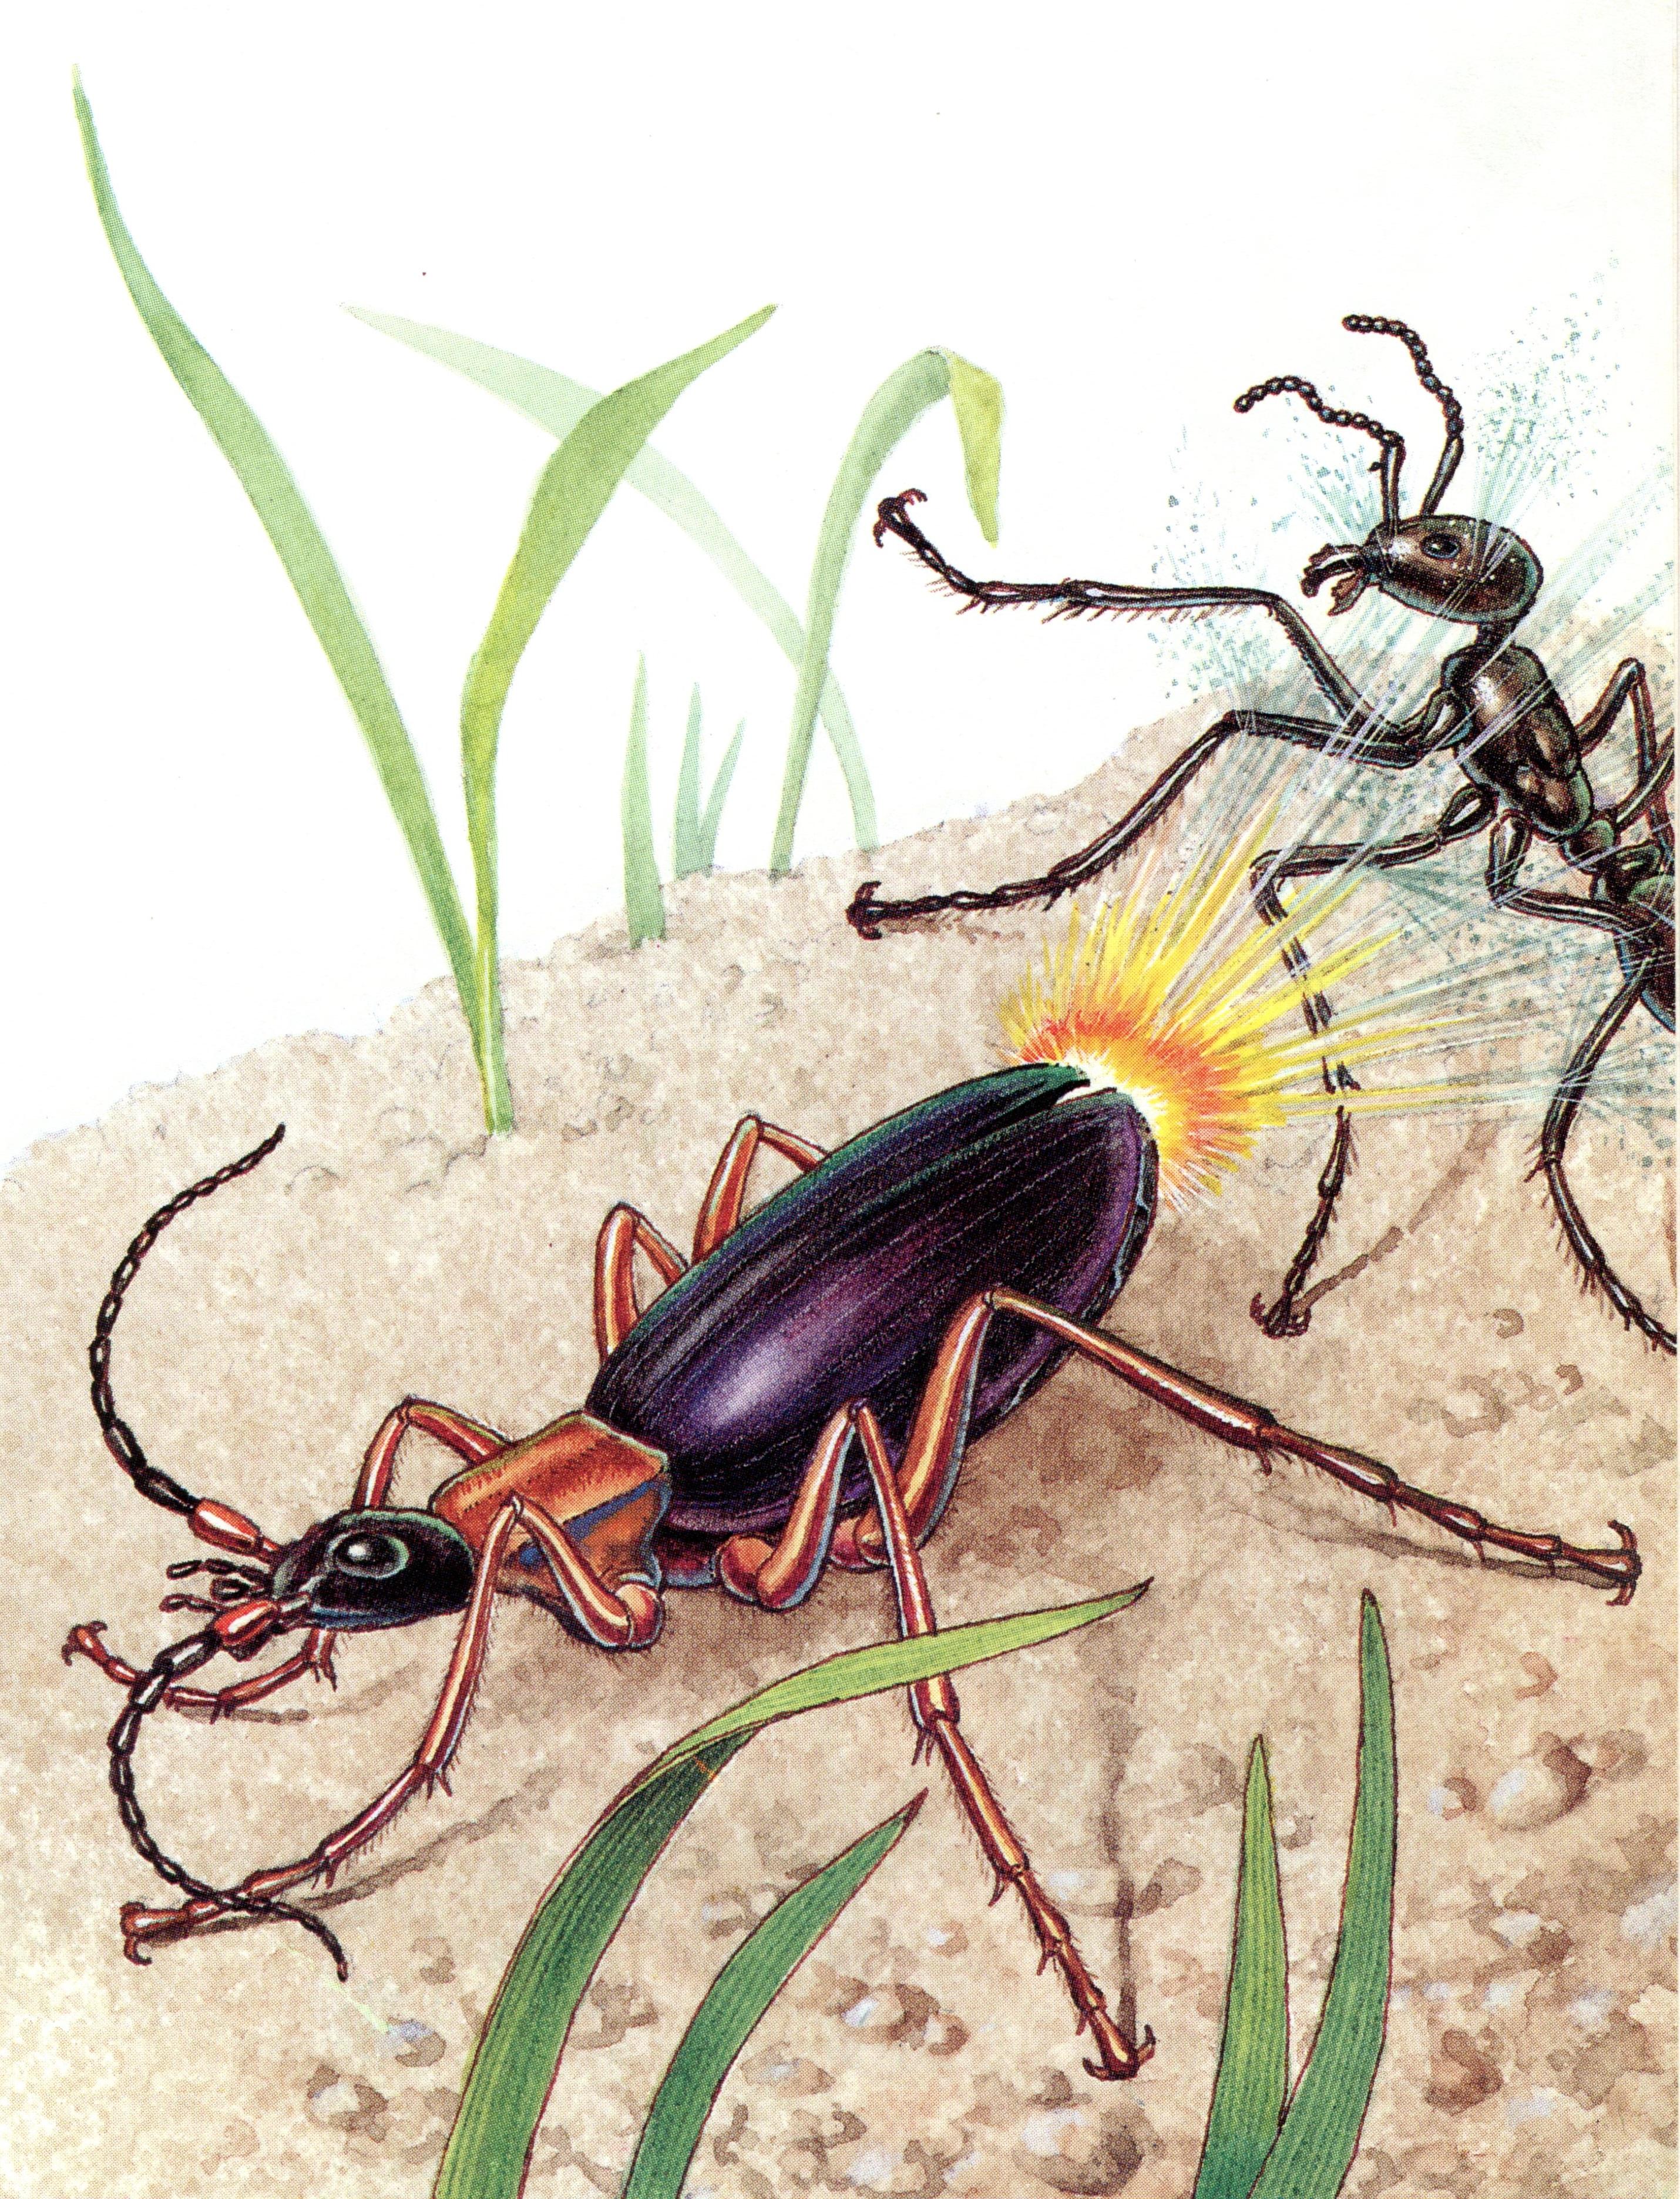 Bombadier & Ant - ICR